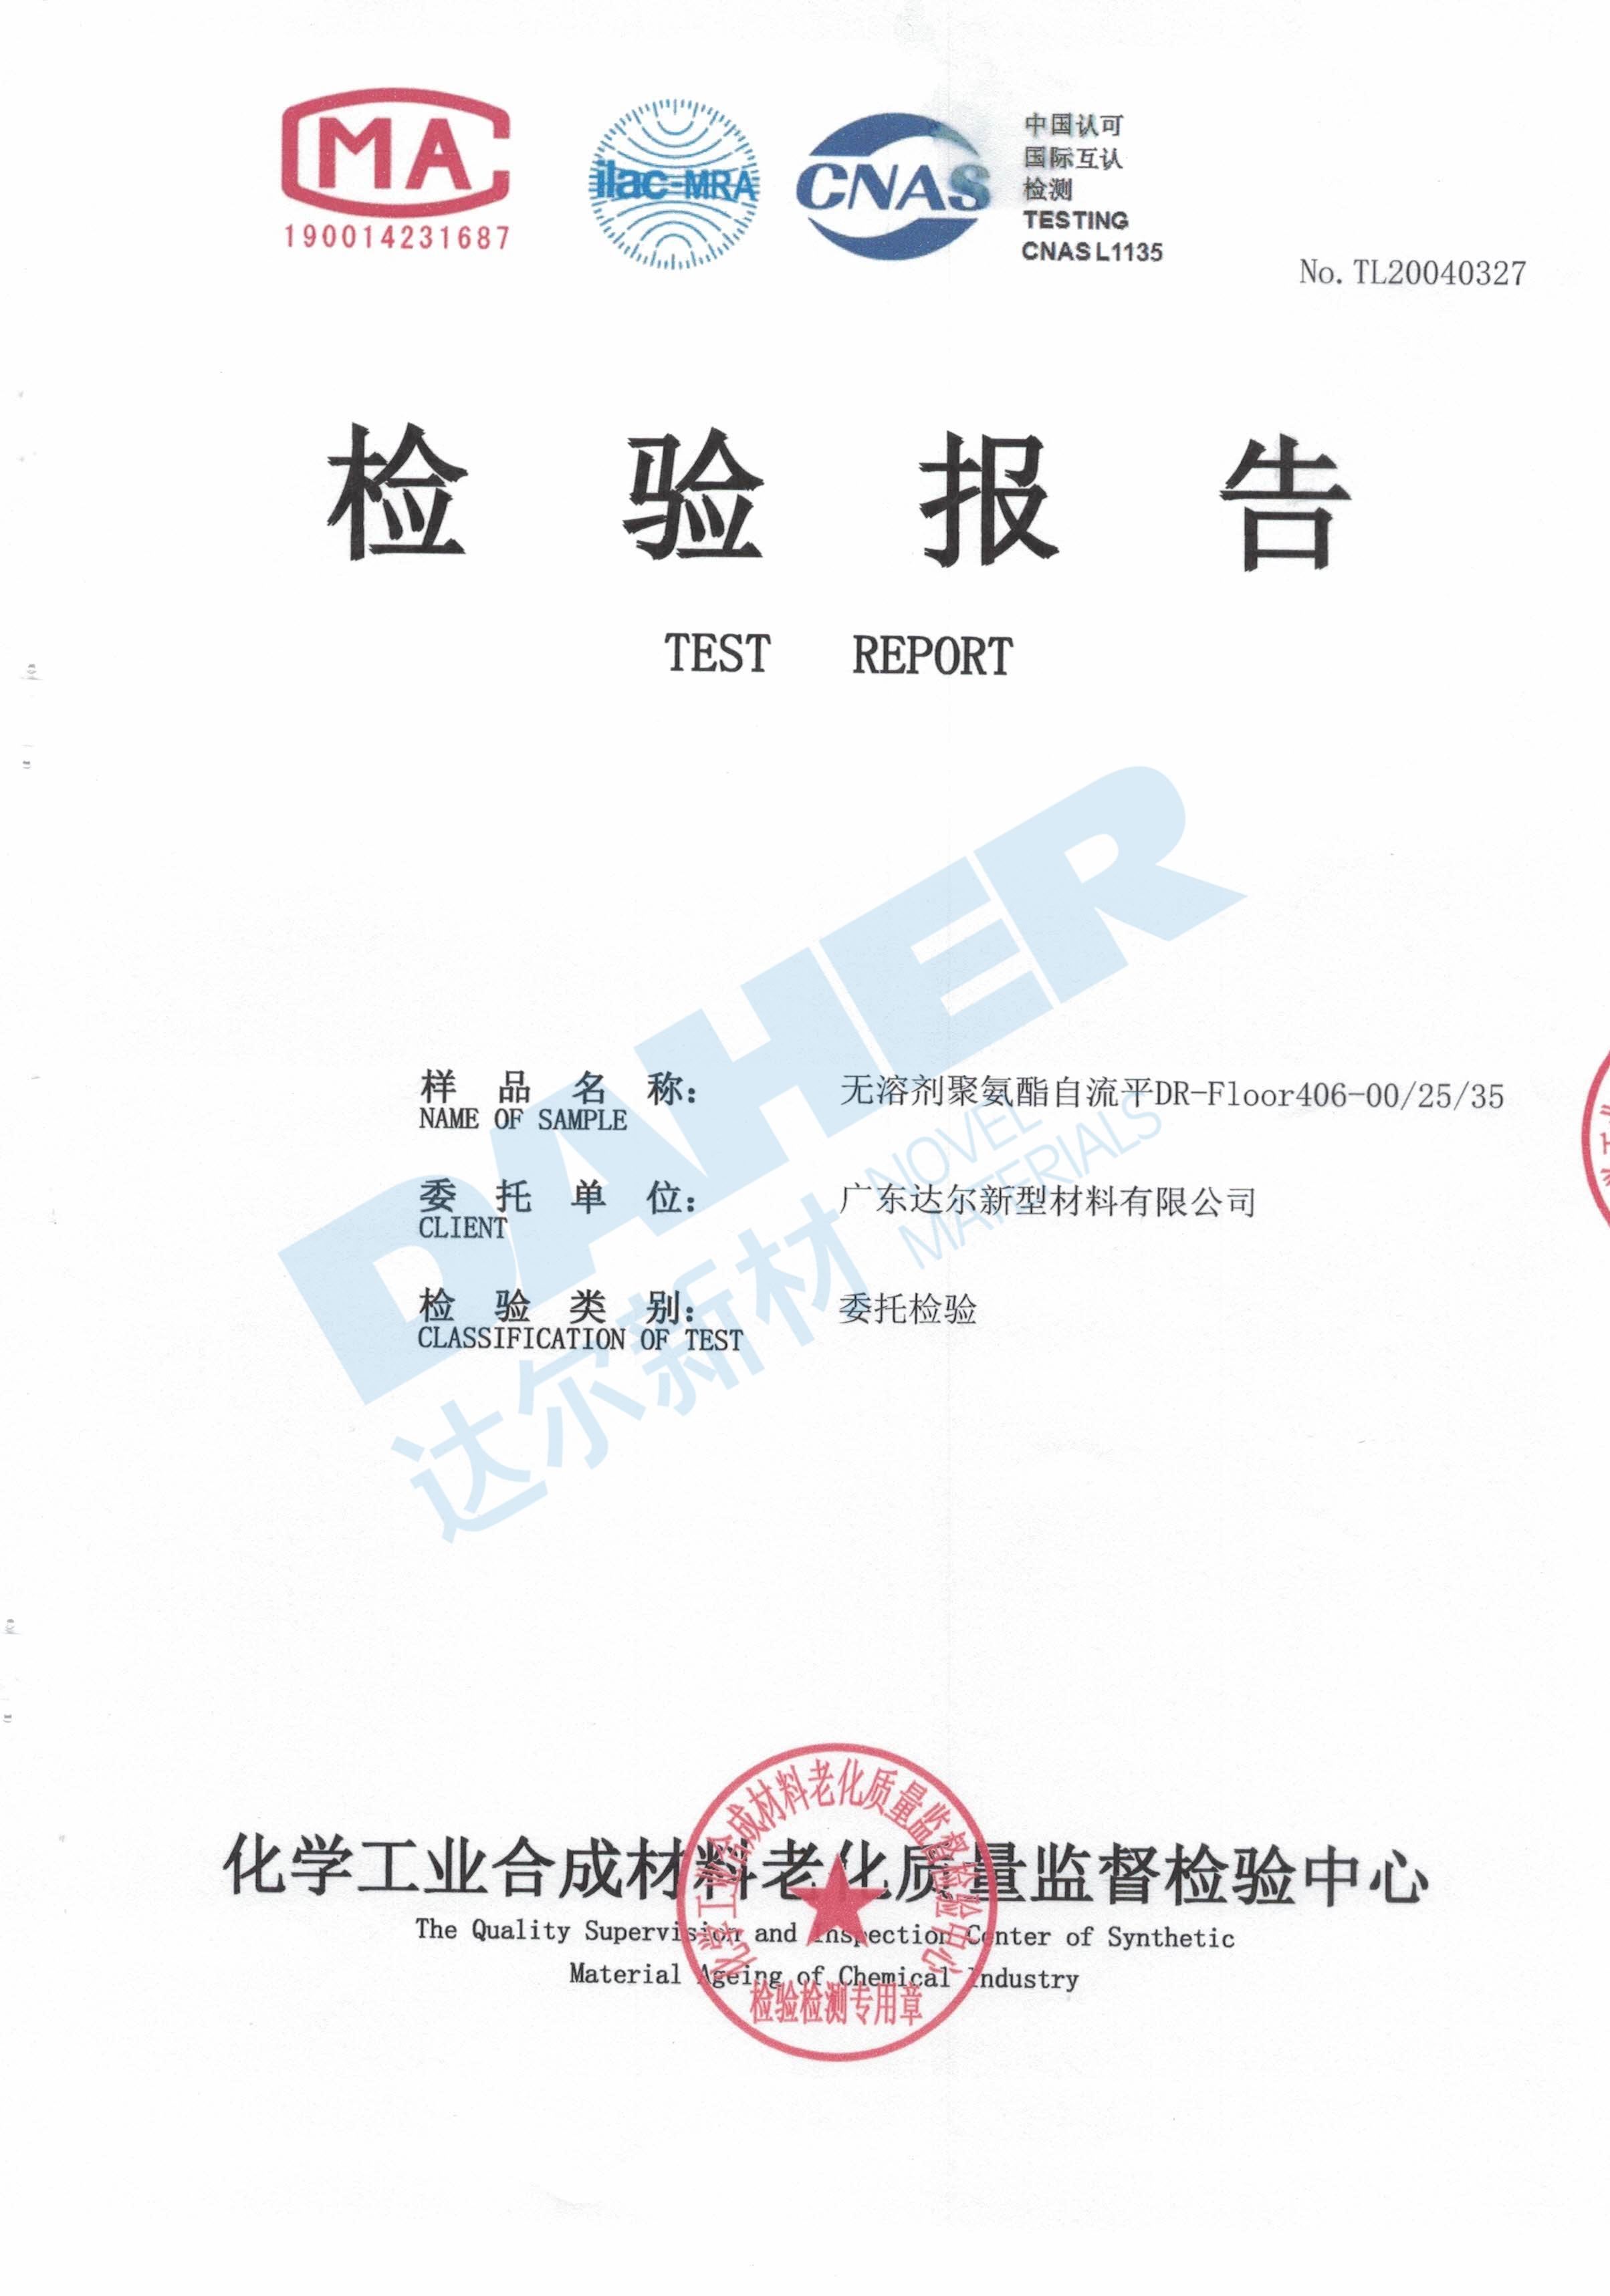 檢測報告2020-無溶劑聚氨酯自流平406-00、25、35_1